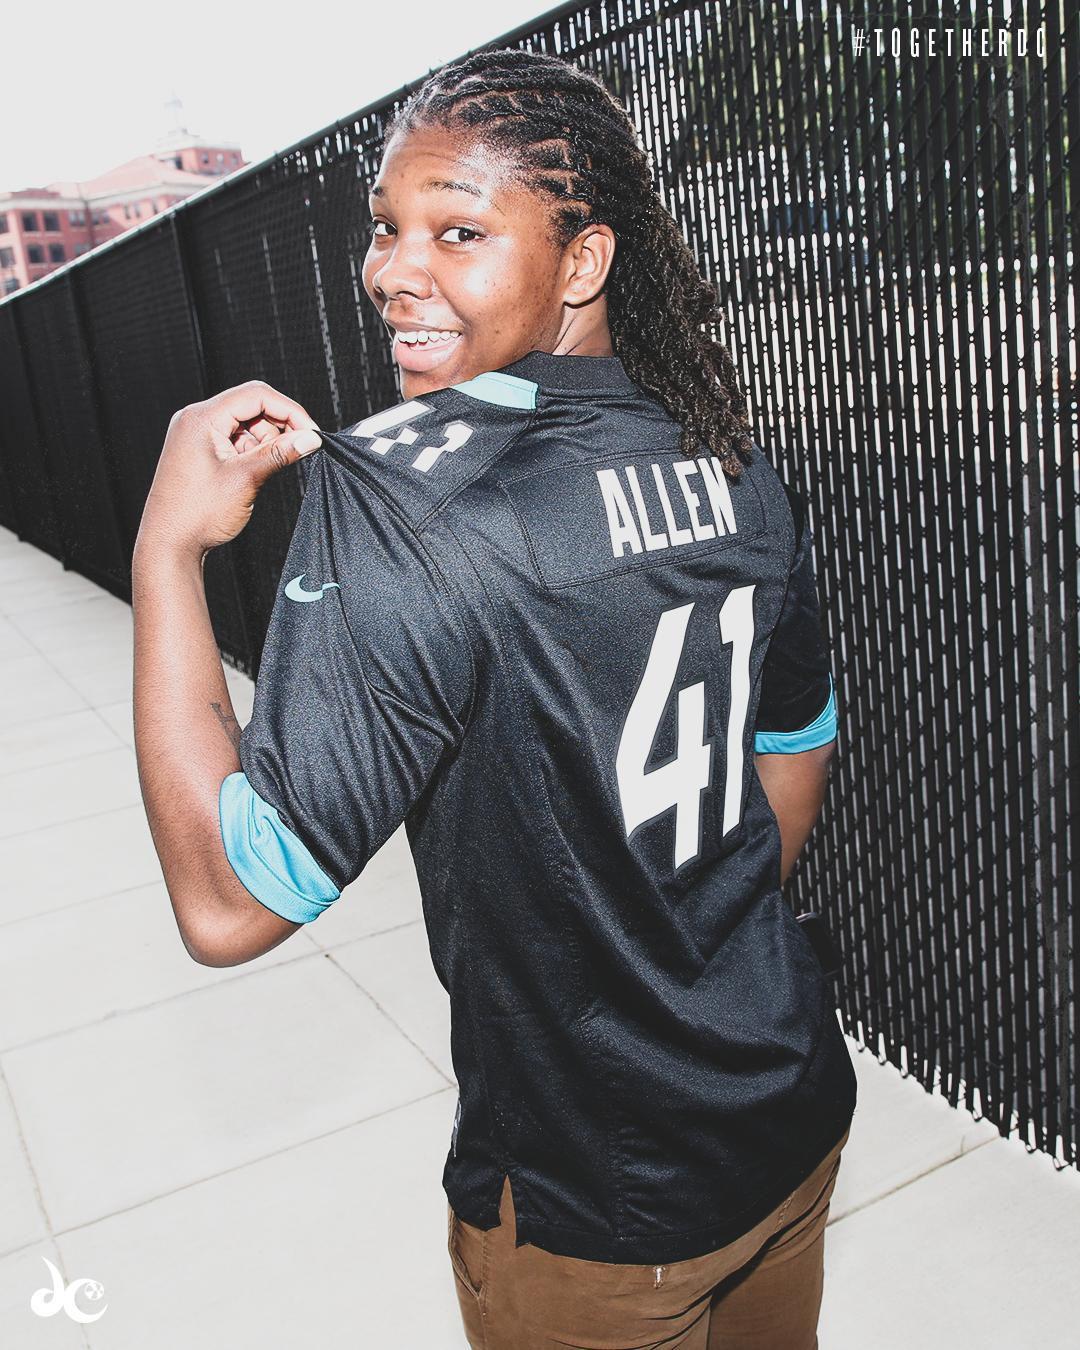 Myisha Hines-Allen wears Josh Allen jersey